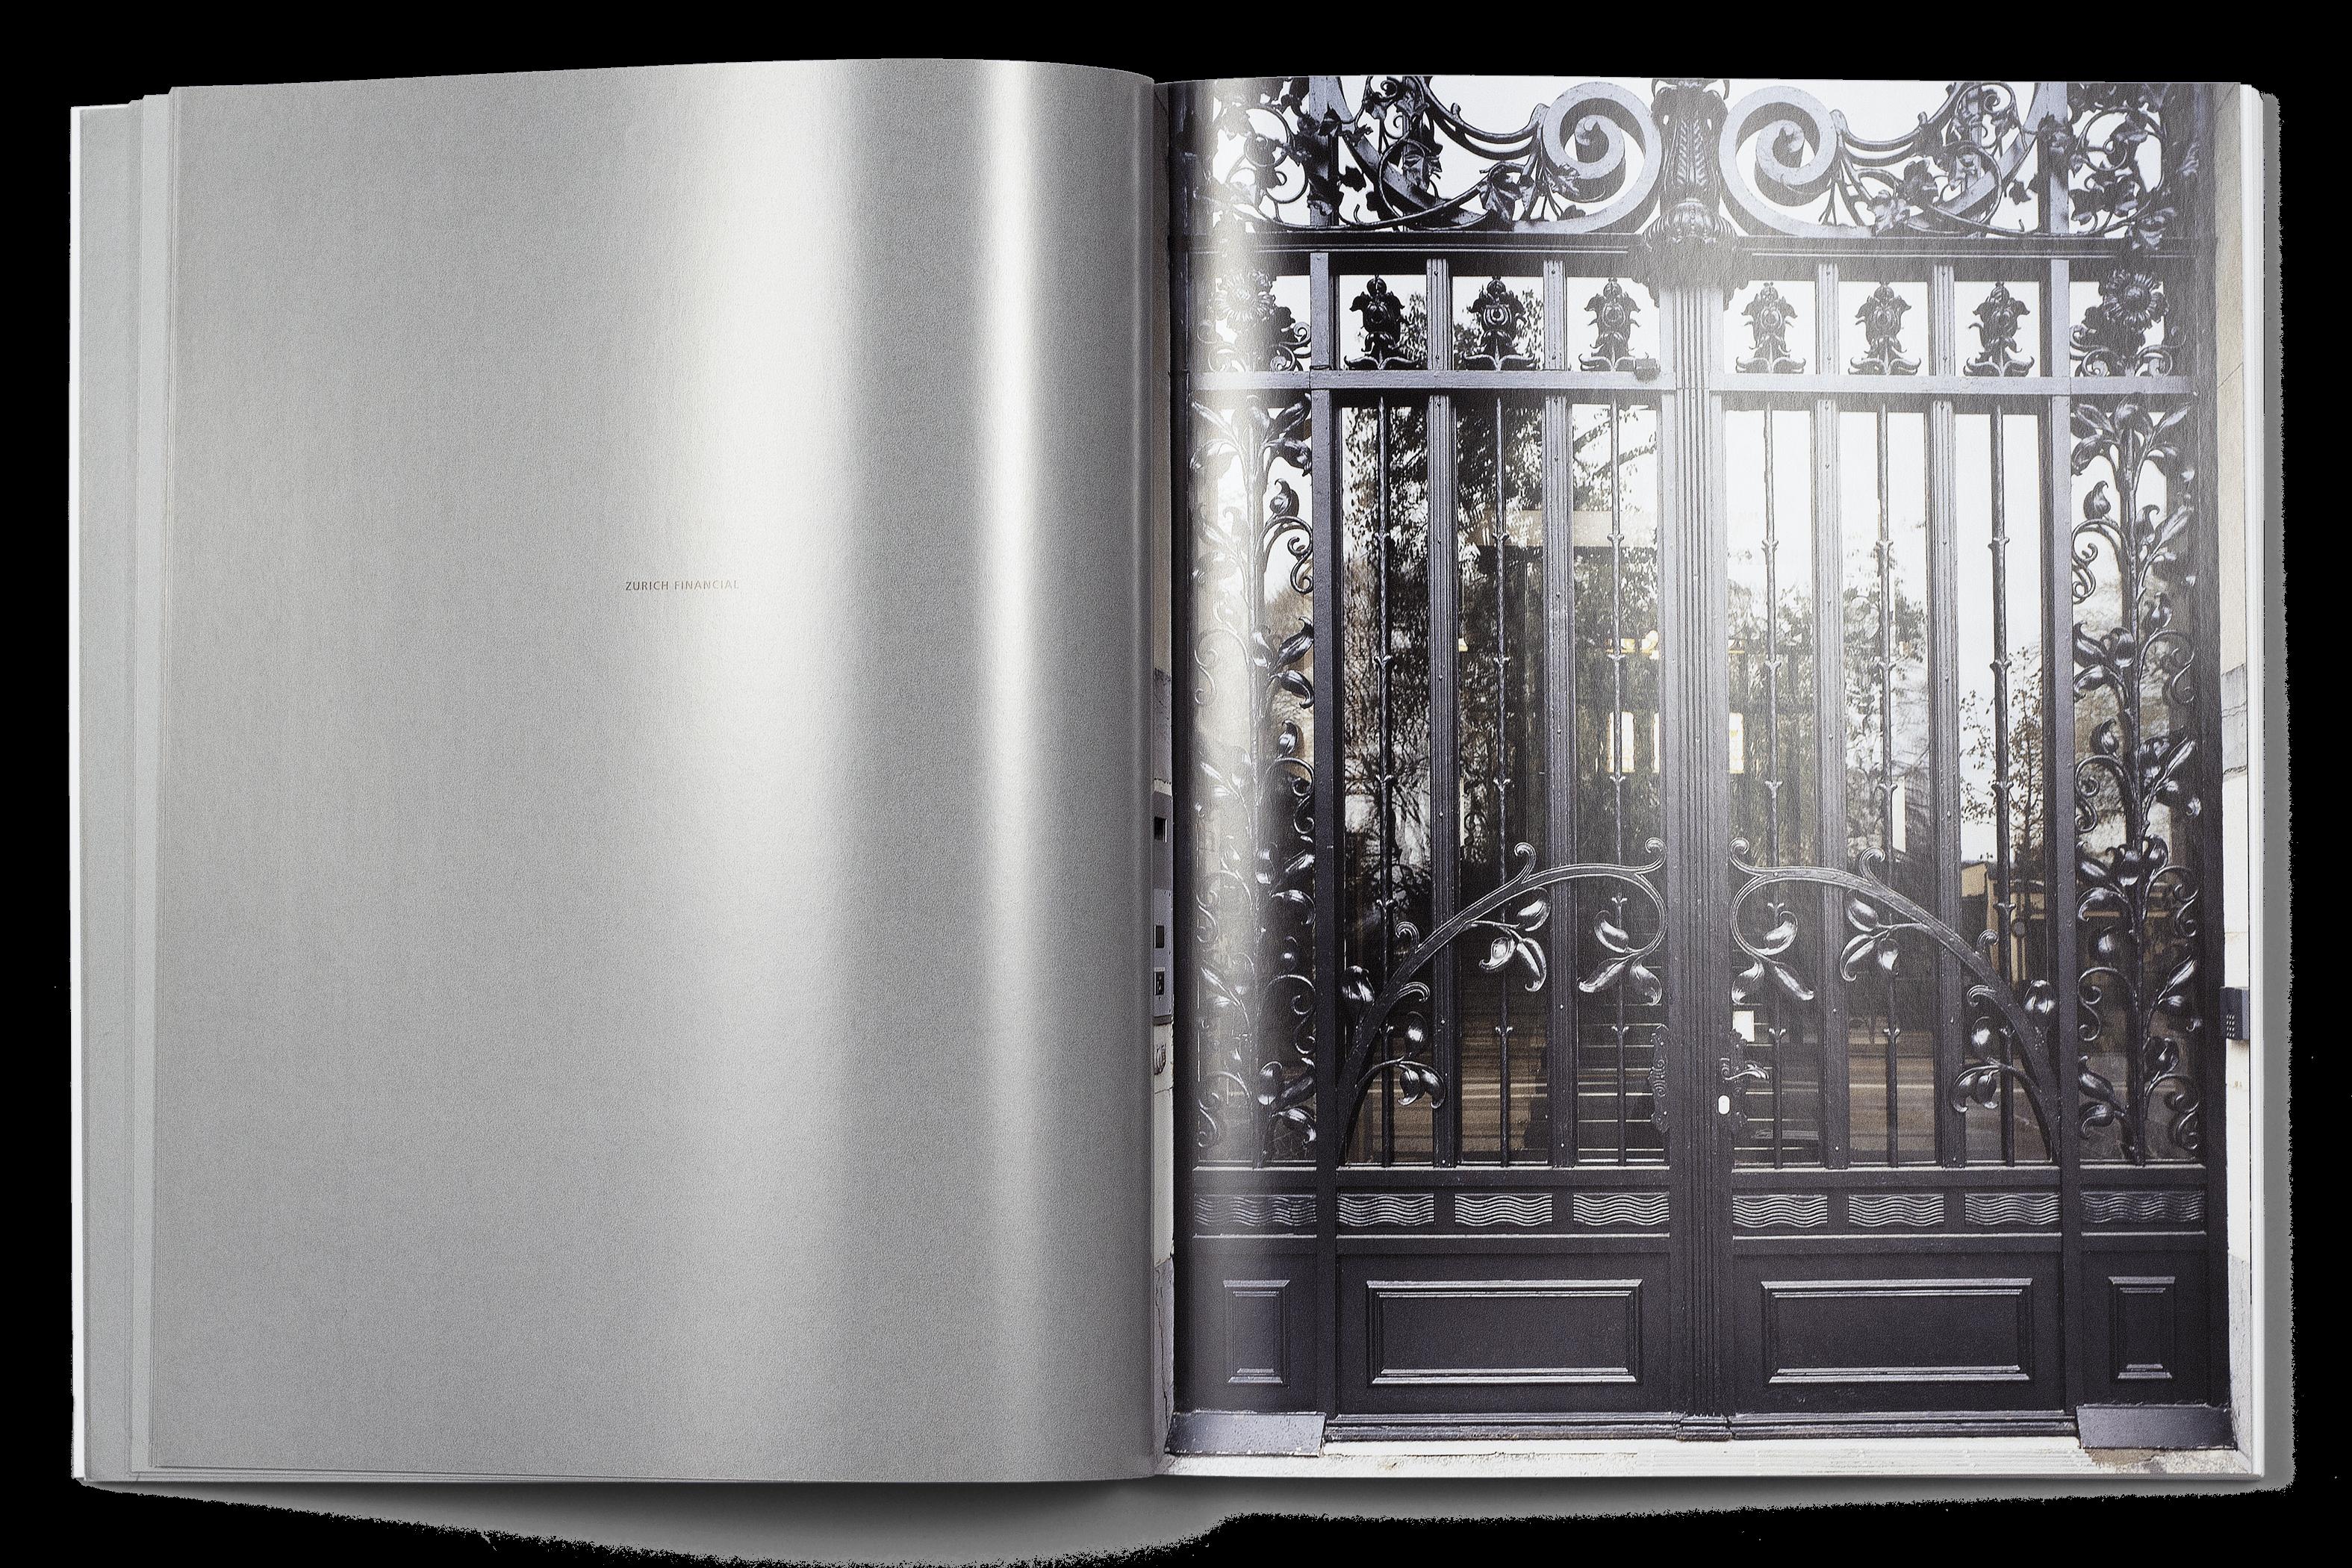 Livre du photographe Giacomo Bianchetti publié par Haus am Gern, Bienne (CH)